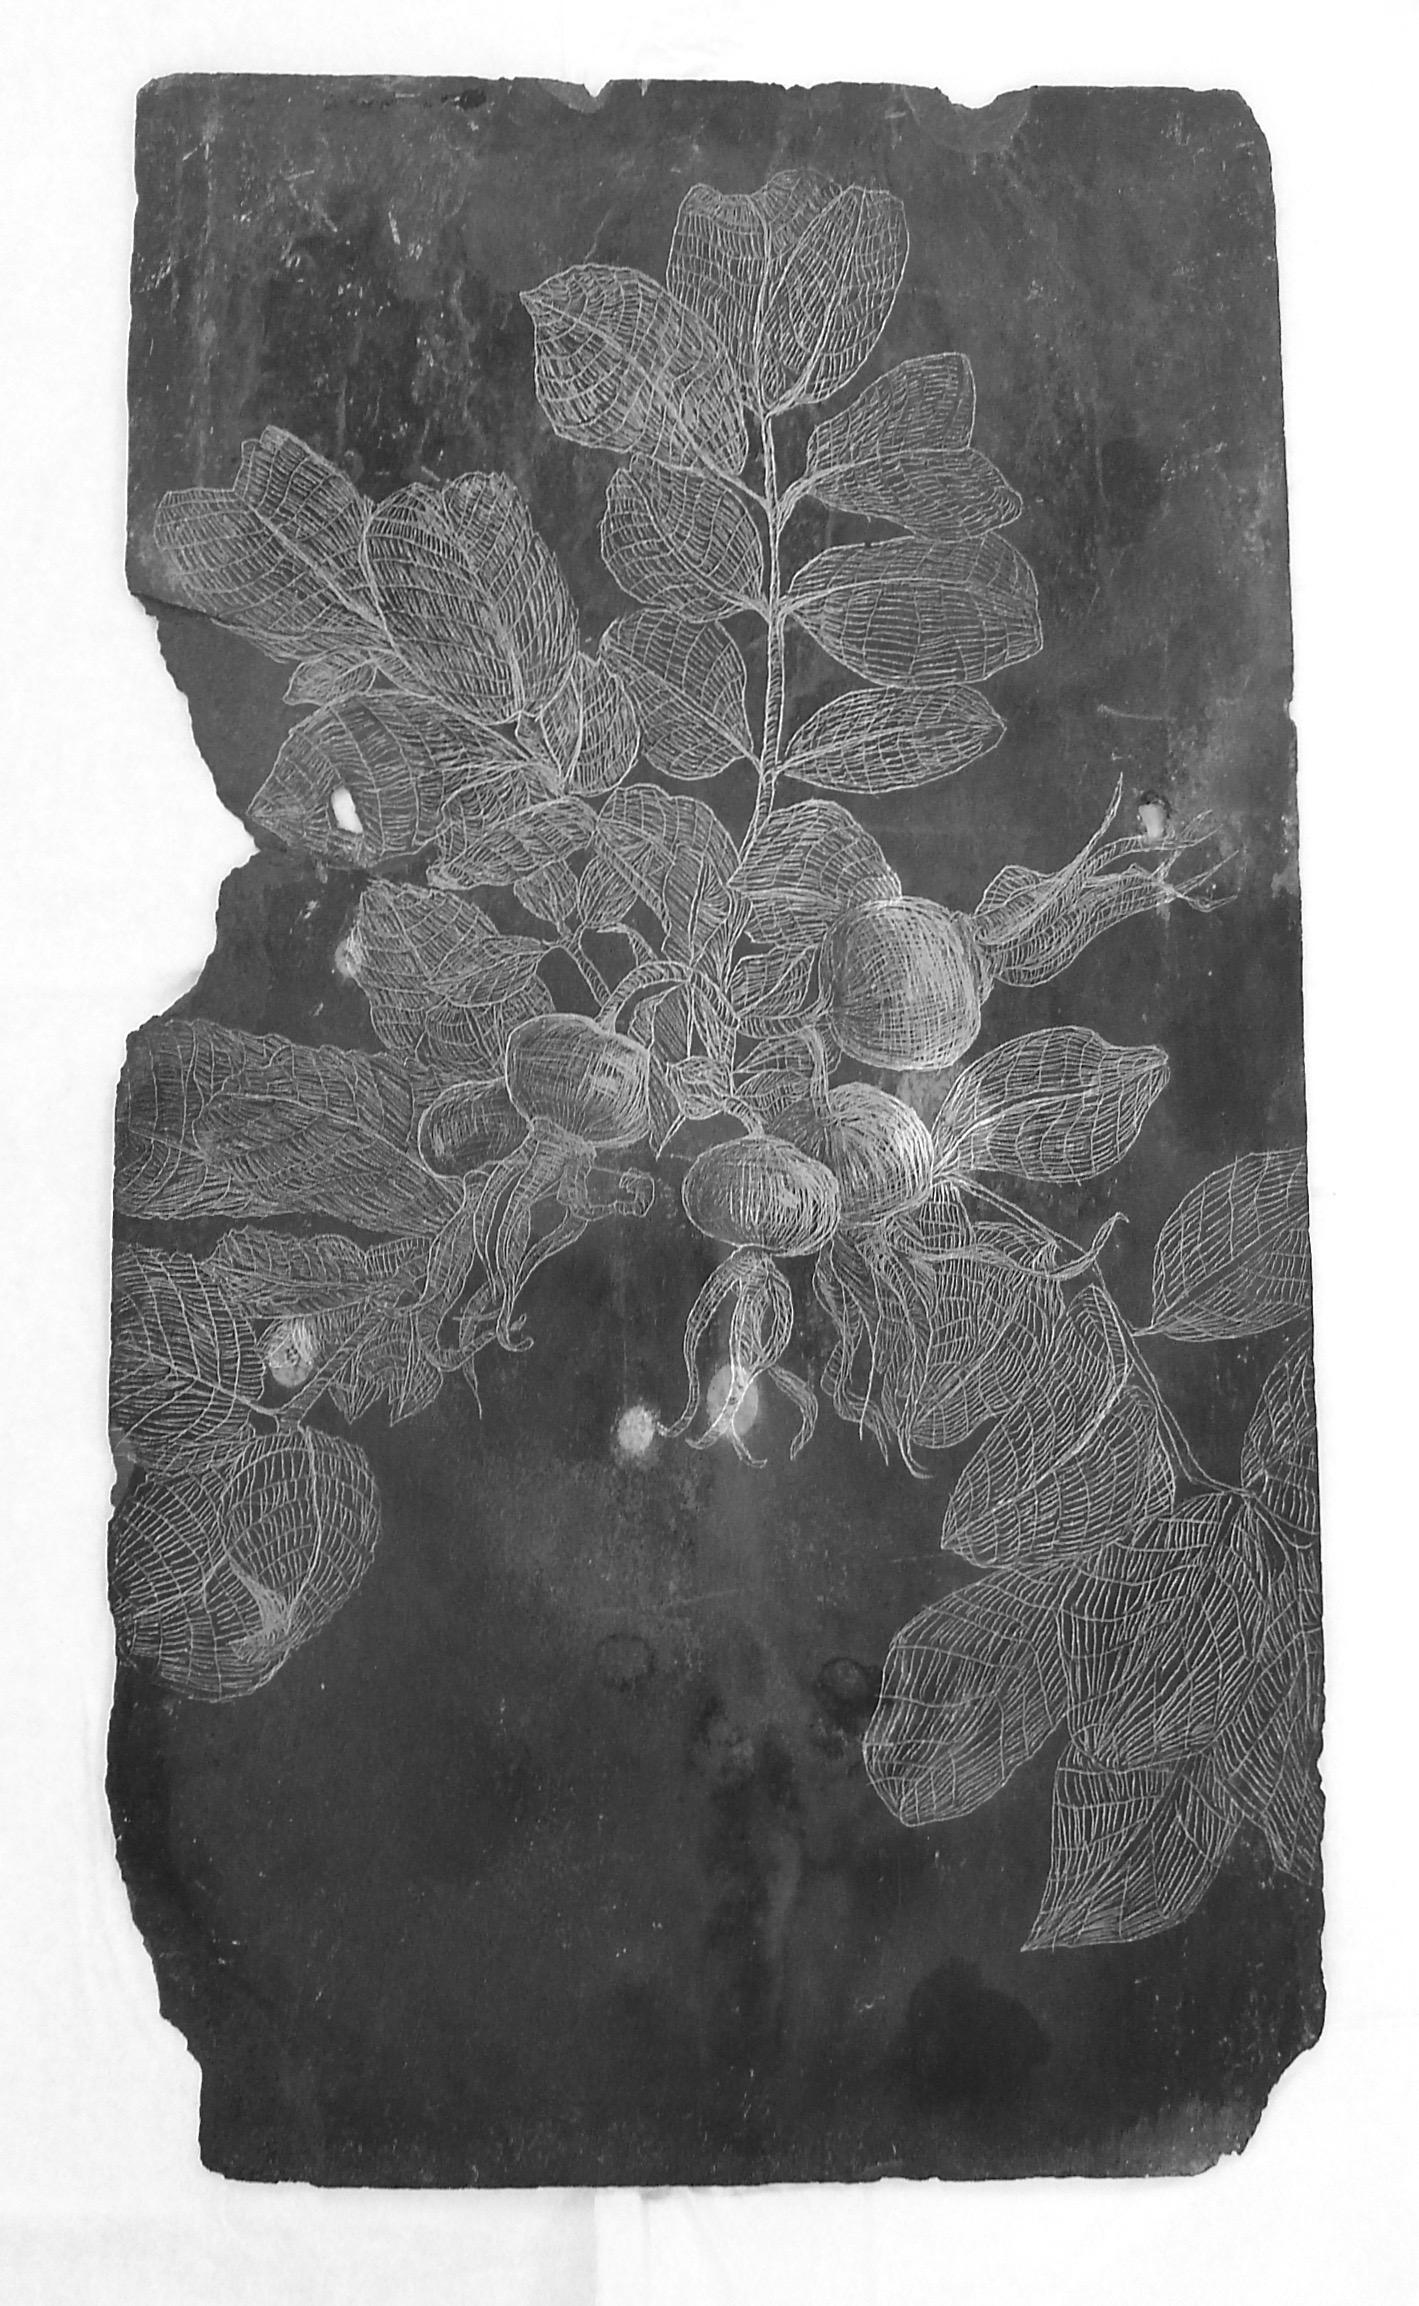 Rosehip, Slate Engraving.